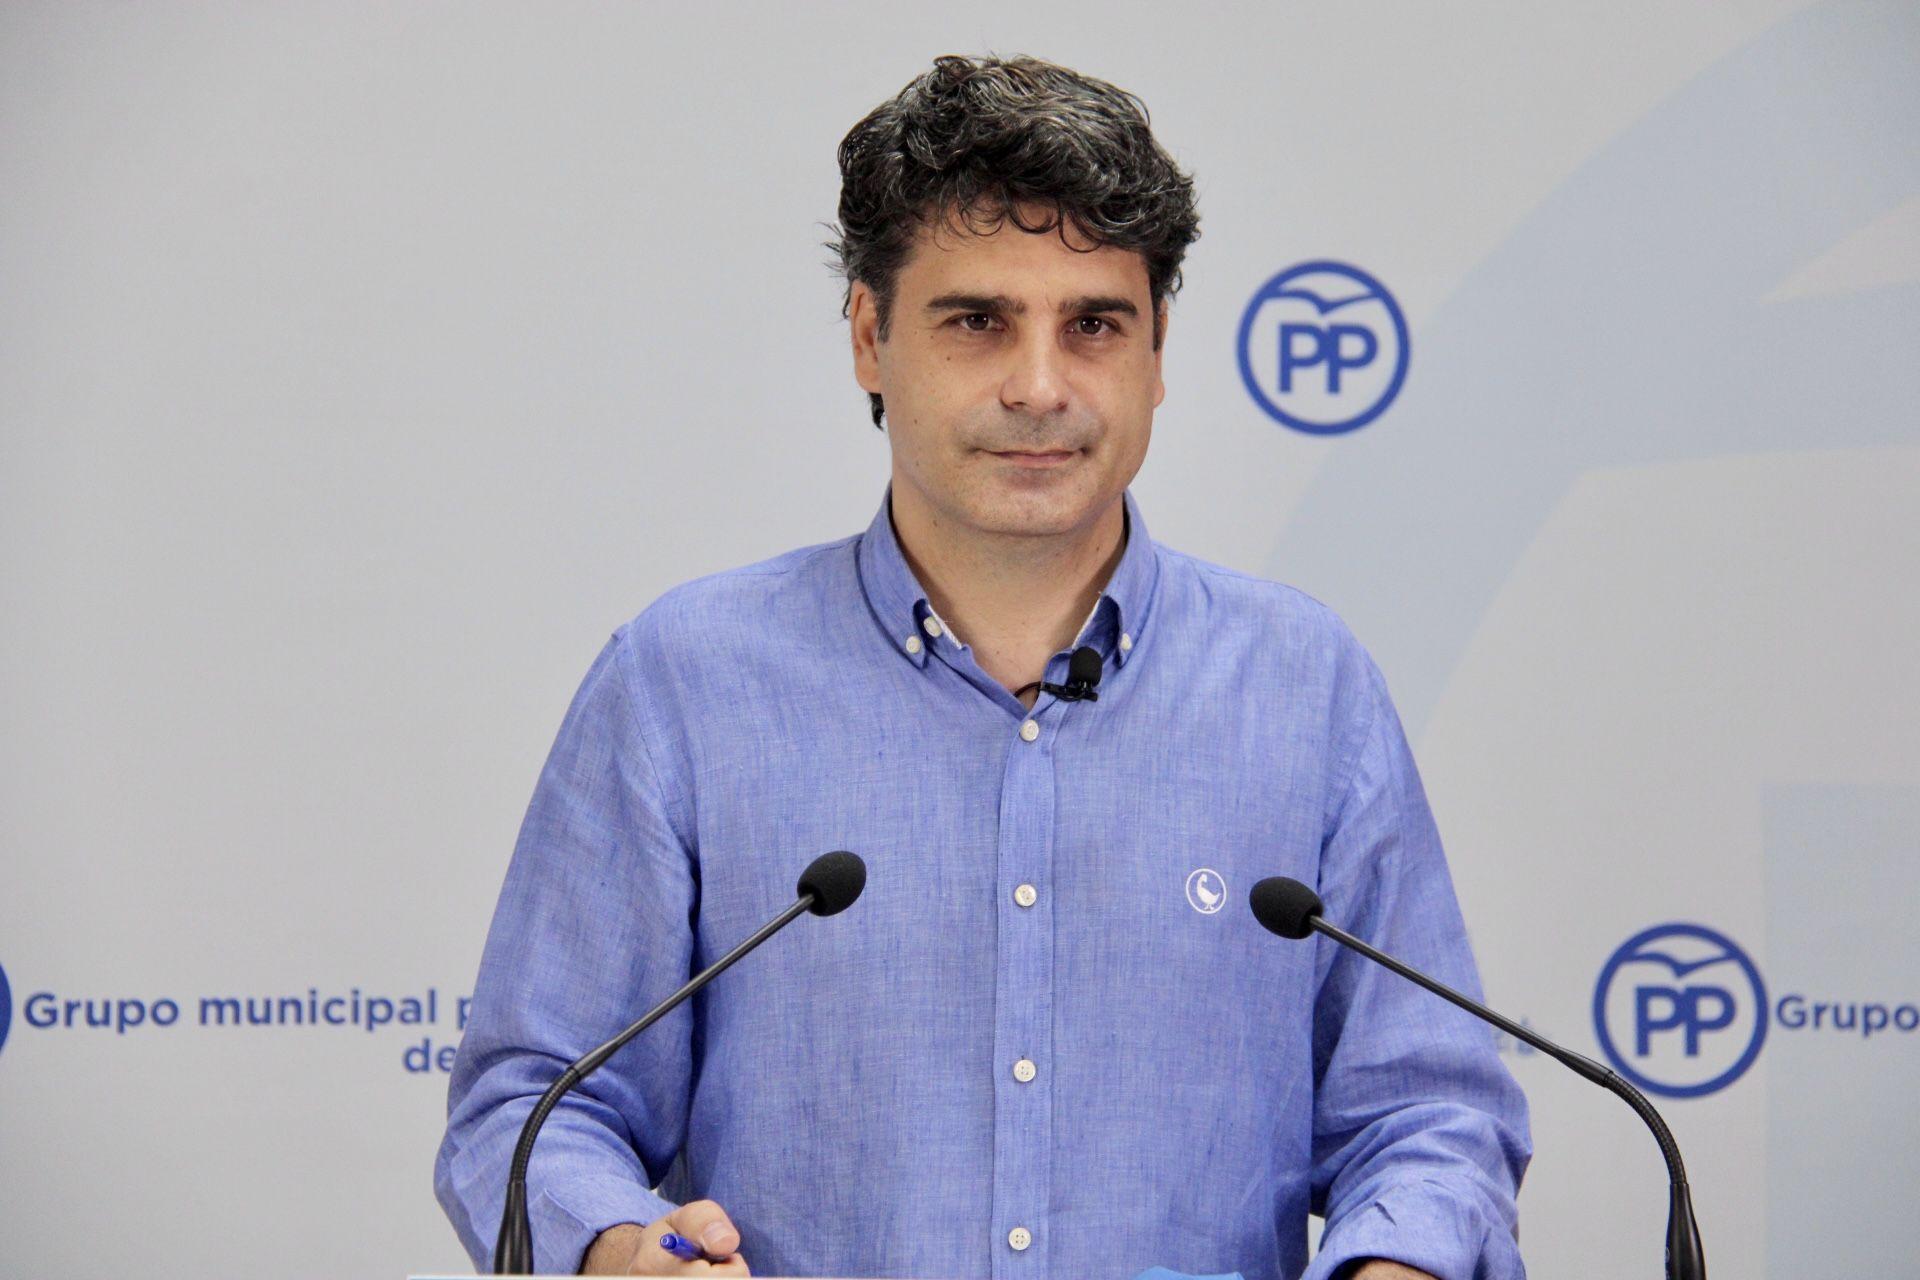 El PP pedirá la apertura del Hospitalito como centro de mayores y dotar de presupuesto todos los proyectos aprobados por los Consejos Vecinales